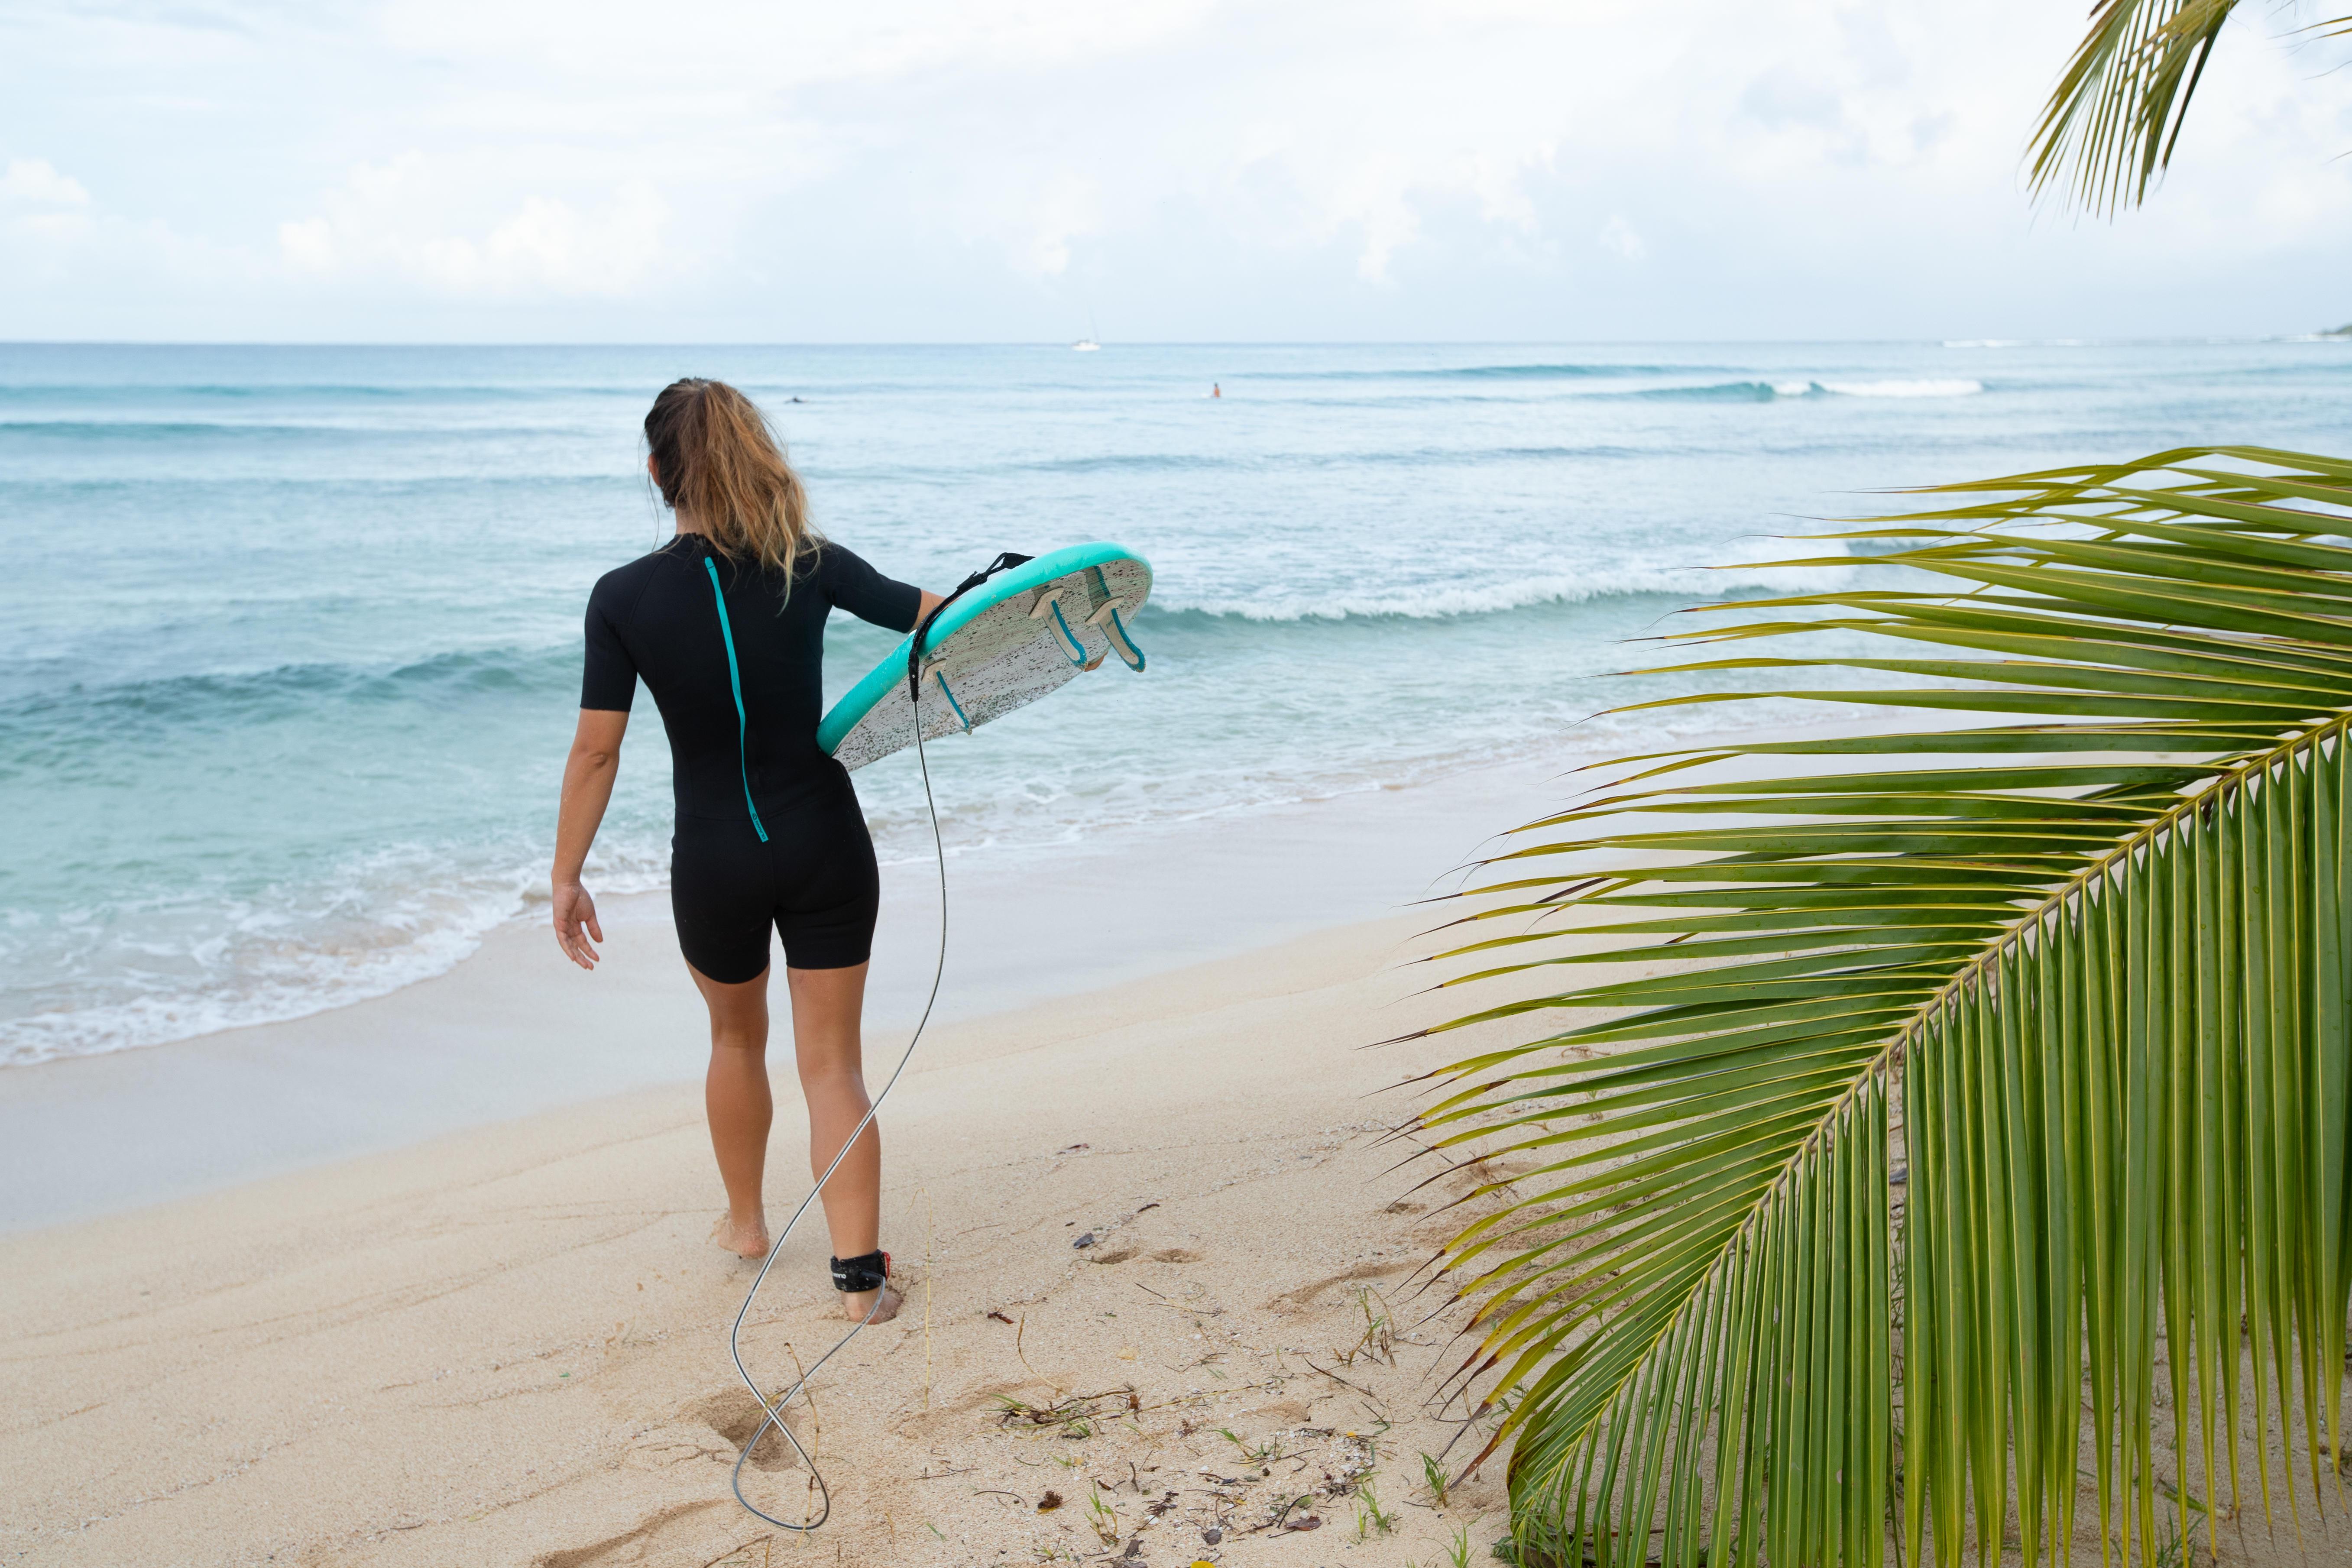 Neoprenshorty für Damen beim Surfen